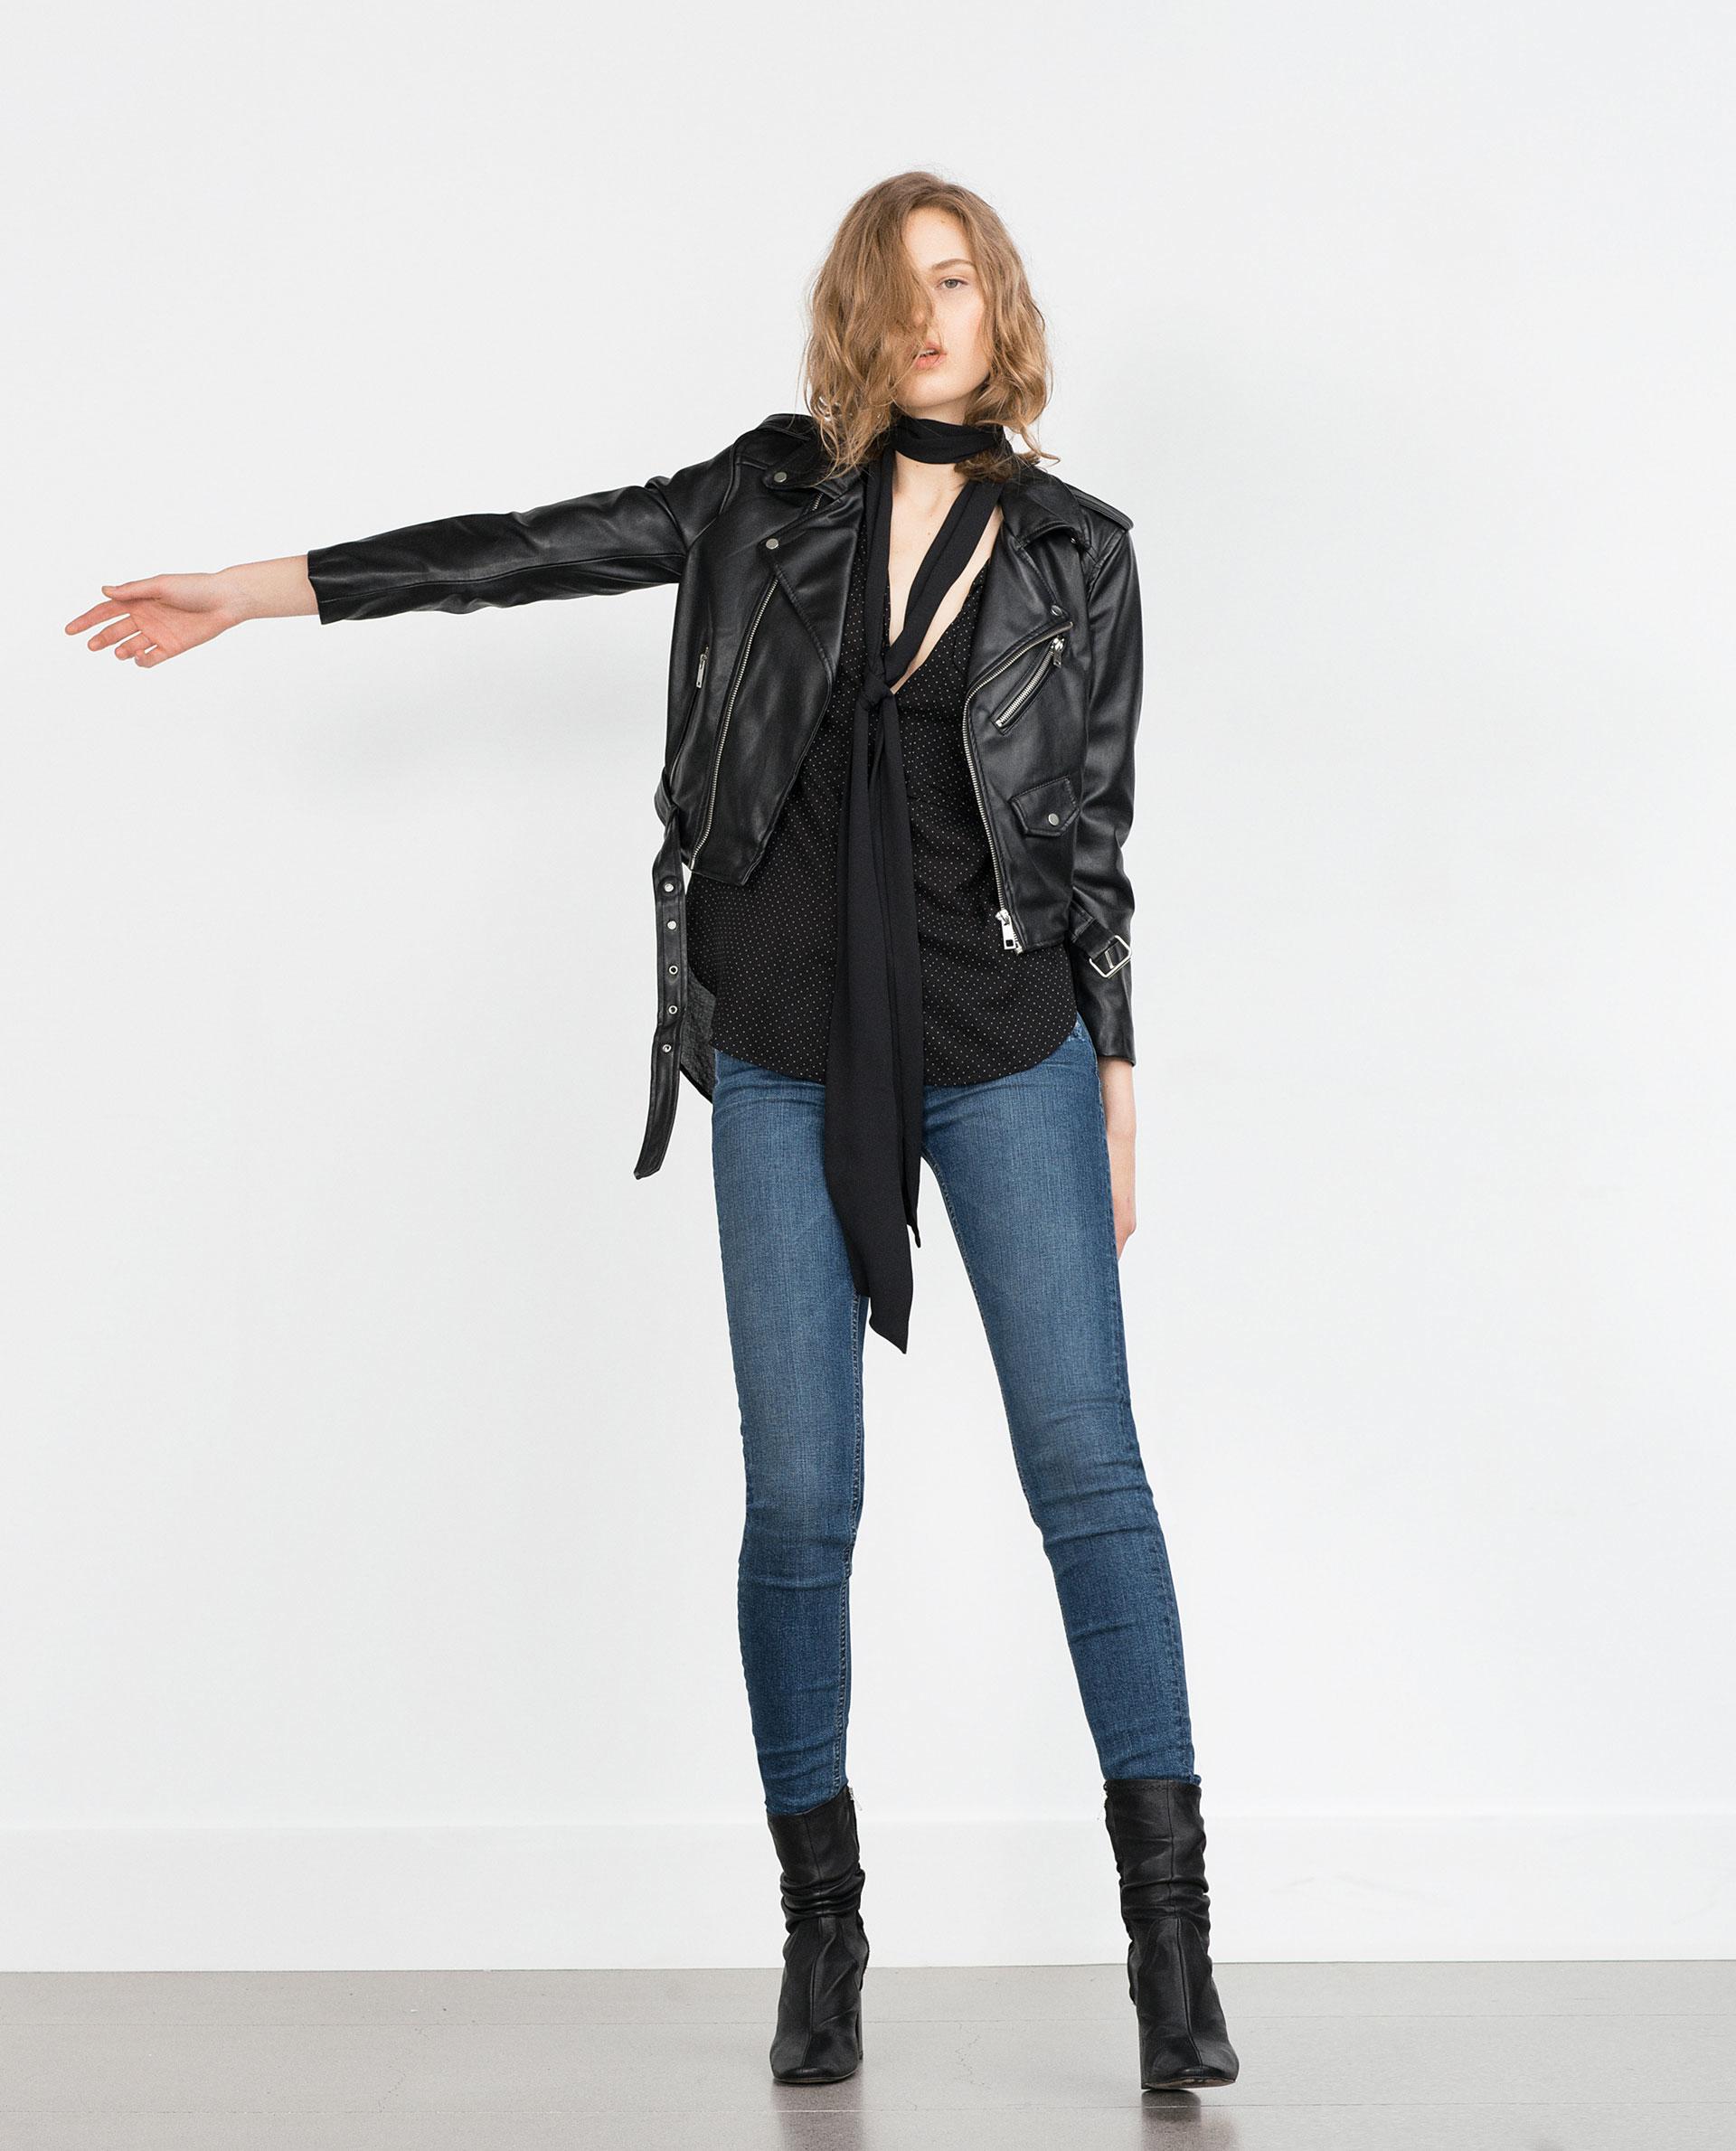 Brilliant Black Leather Pants Faux Leather Pants Leather Leggings